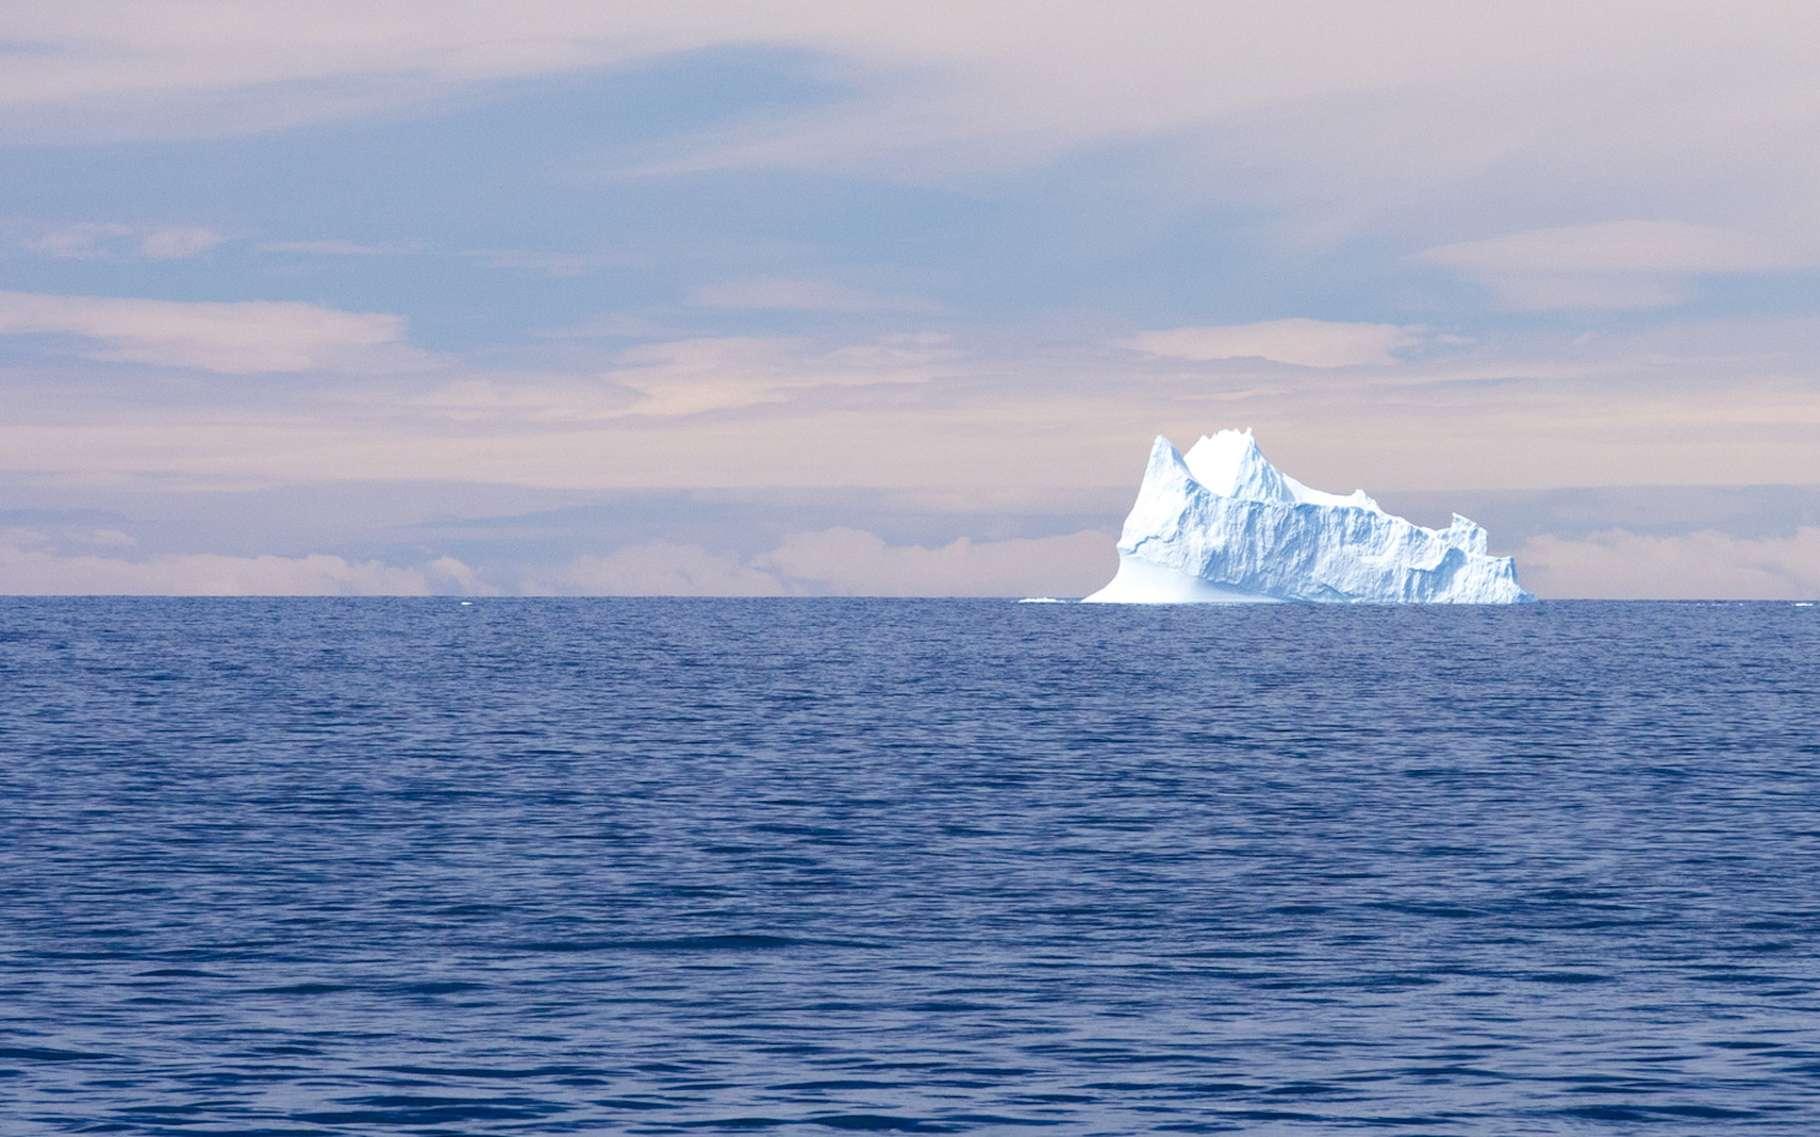 Les scientifiques sont aujourd'hui formels : la glace de l'Antarctique fond. Et si nous ne faisons rien dans les dix années à venir, les conséquences pour notre planète pourraient s'avérer catastrophiques. © Chris, Fotolia